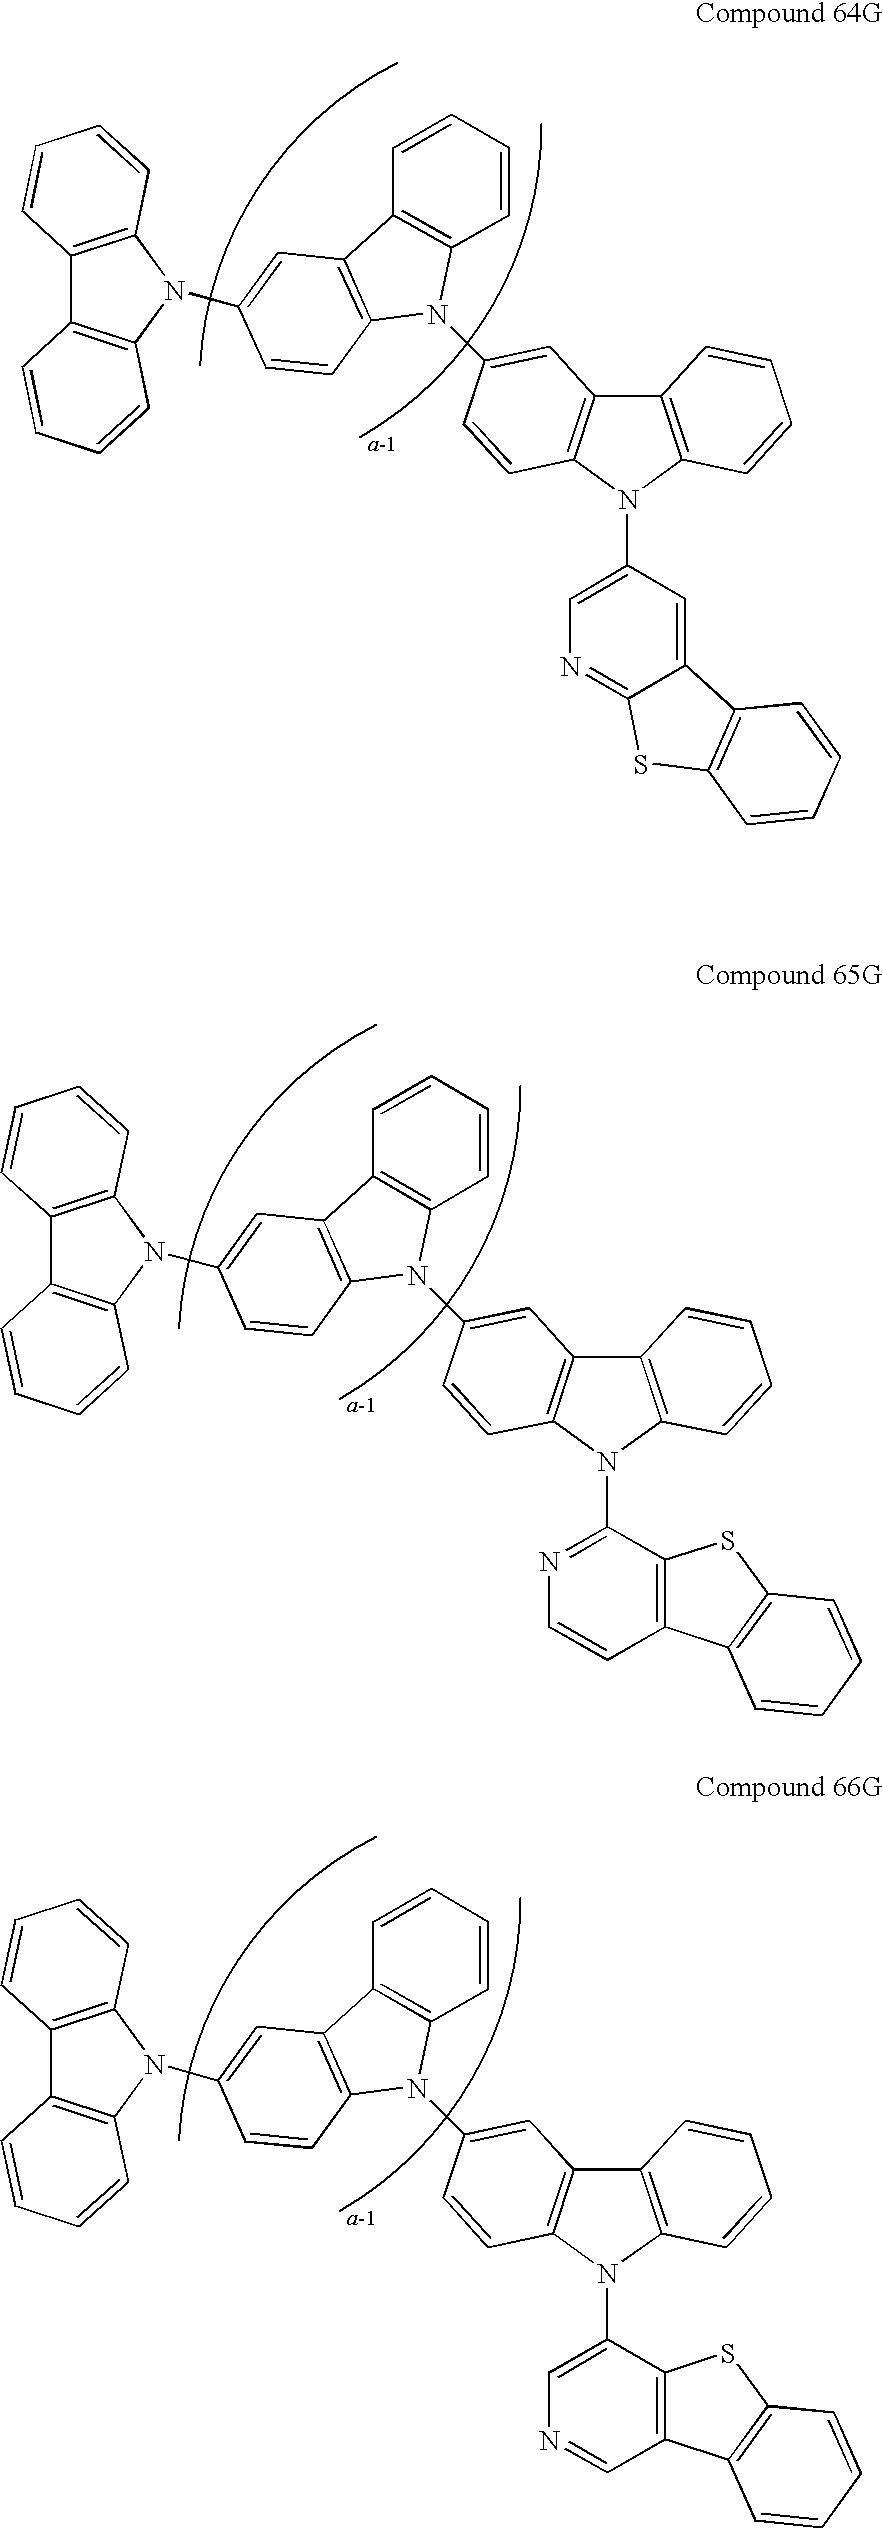 Figure US20090134784A1-20090528-C00165